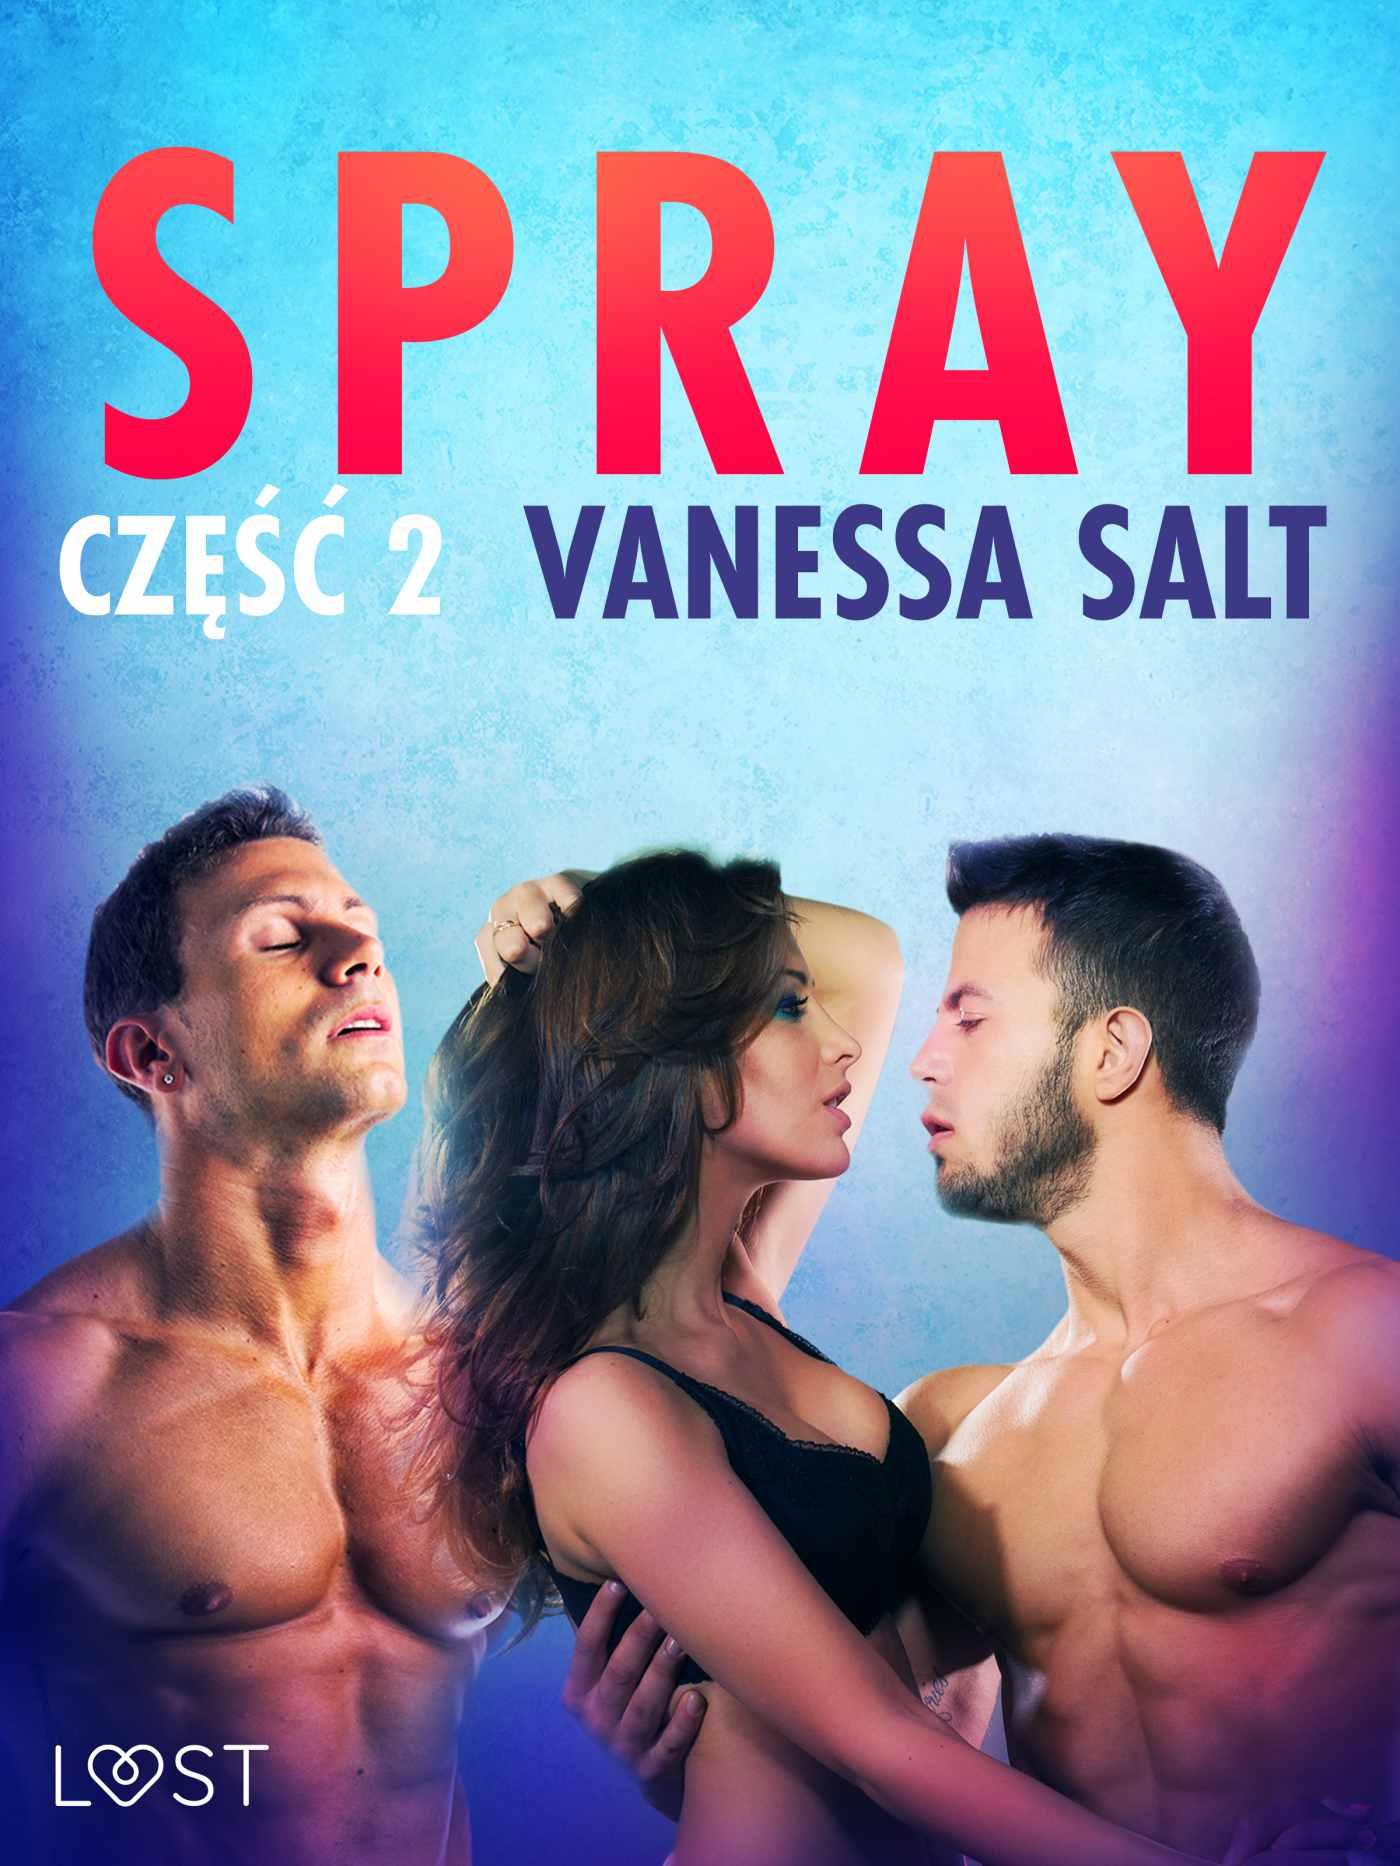 Spray: część 2 - opowiadanie erotyczne - Ebook (Książka na Kindle) do pobrania w formacie MOBI